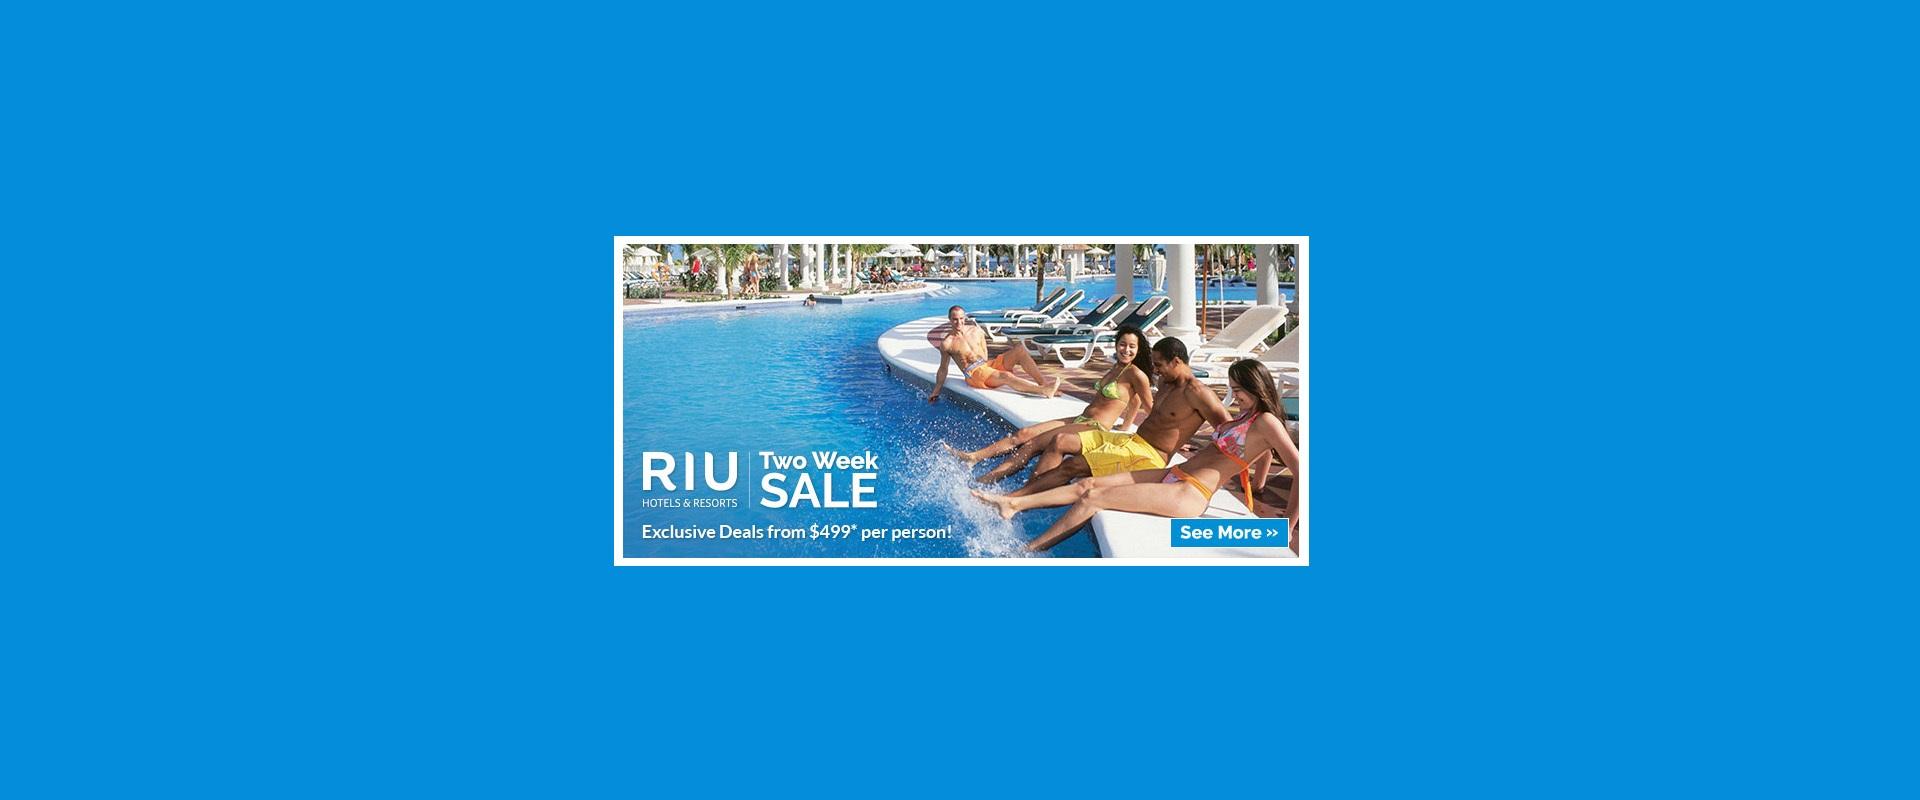 RIU-Two-Week-Sale-Header